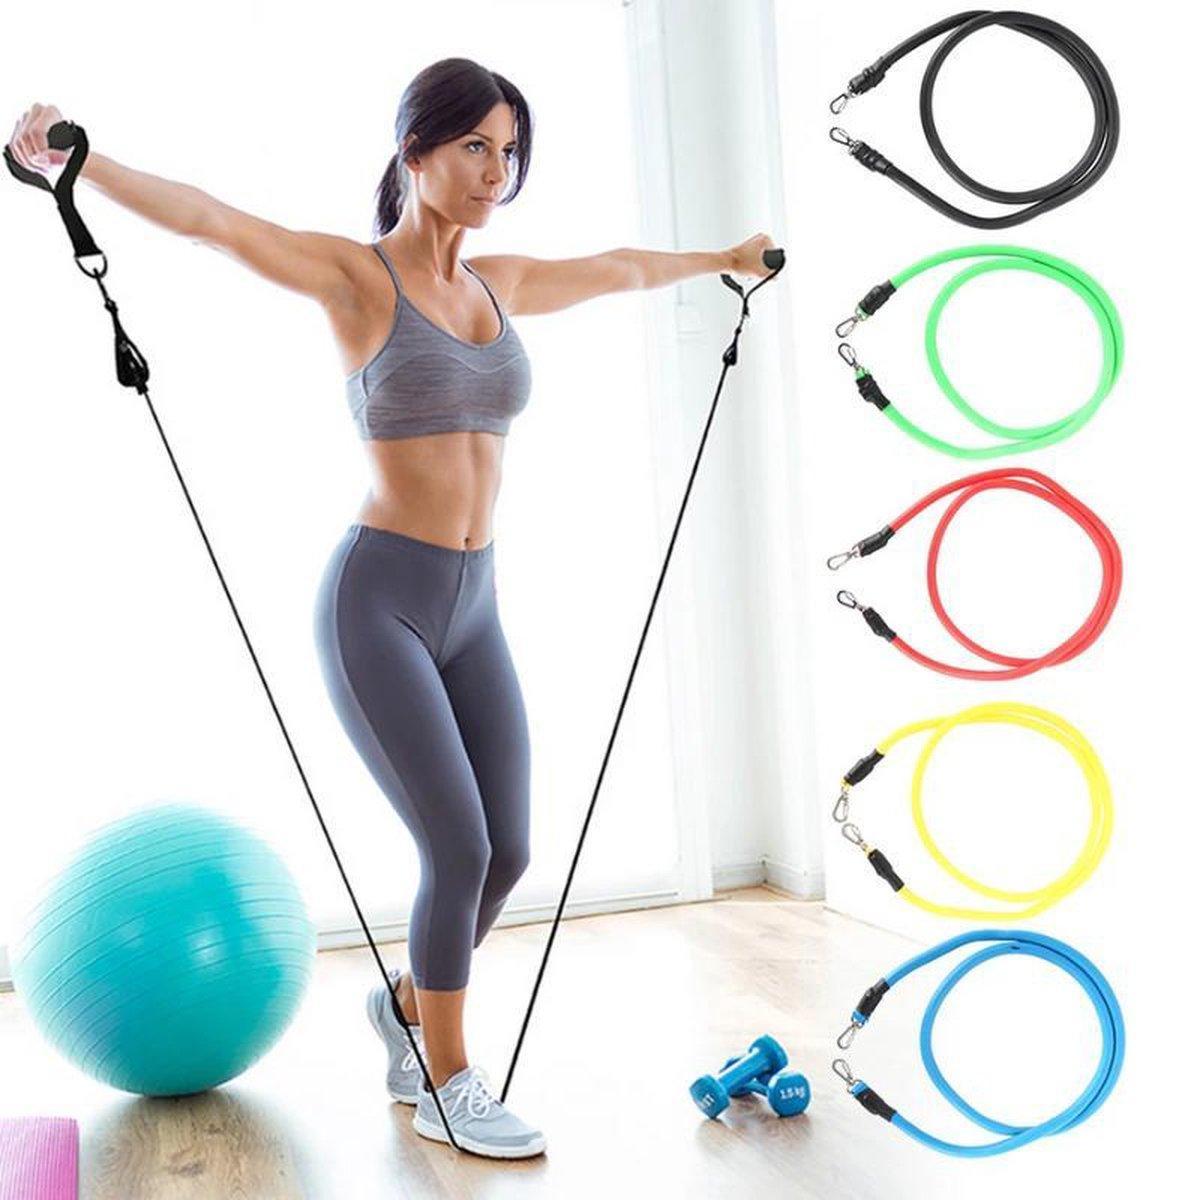 Набор трубчатых эспандеров для фитнеса многофункциональный 5 жгутов 1109